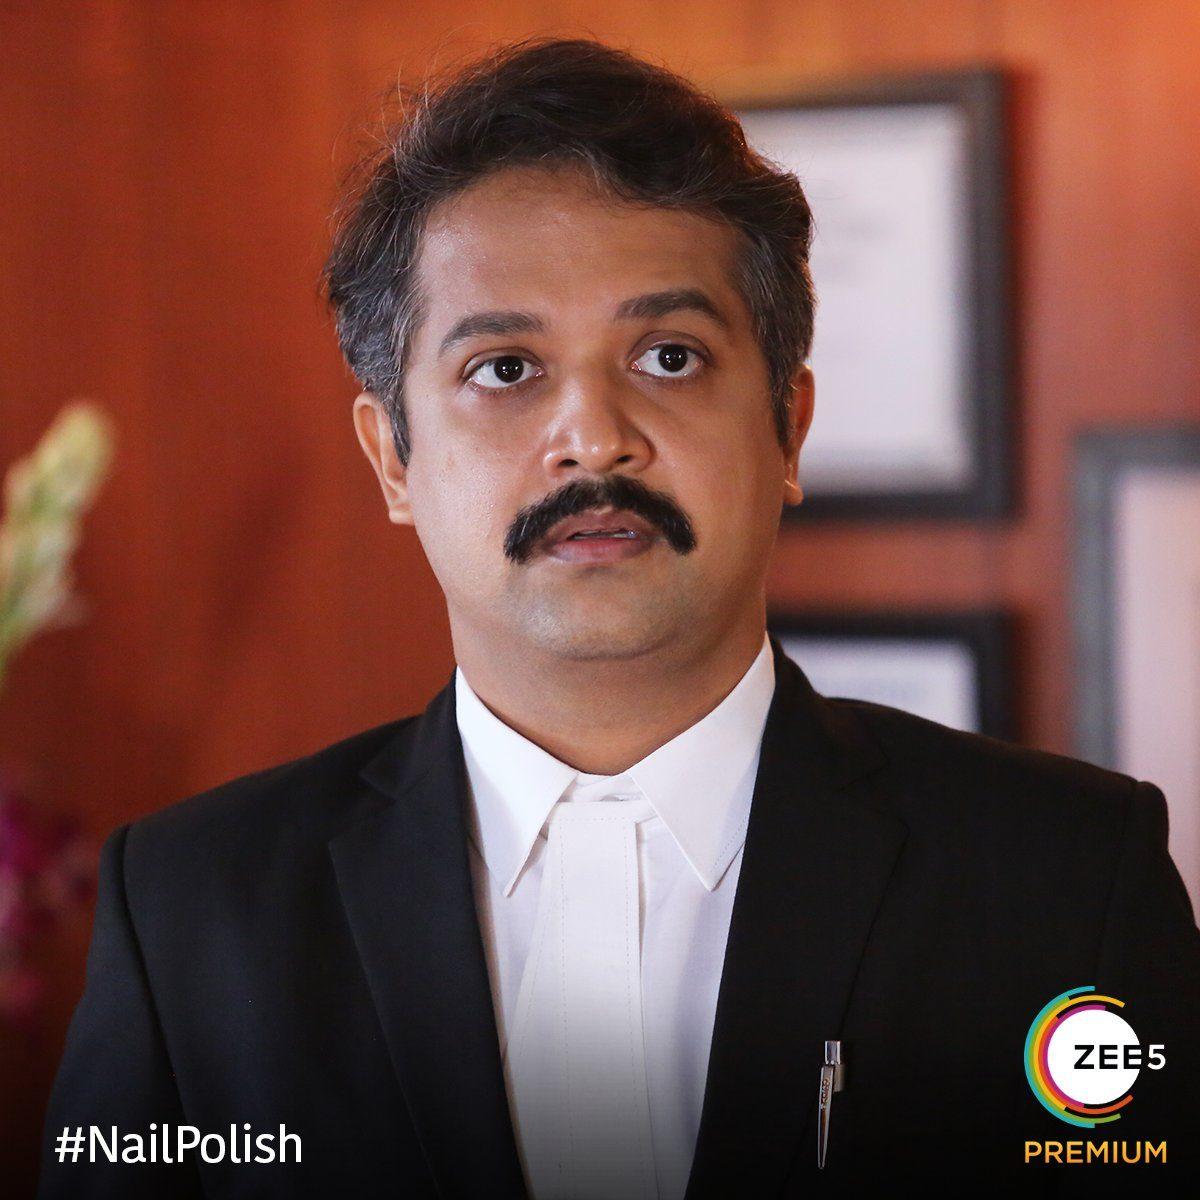 Anand Tiwari Nail Polish